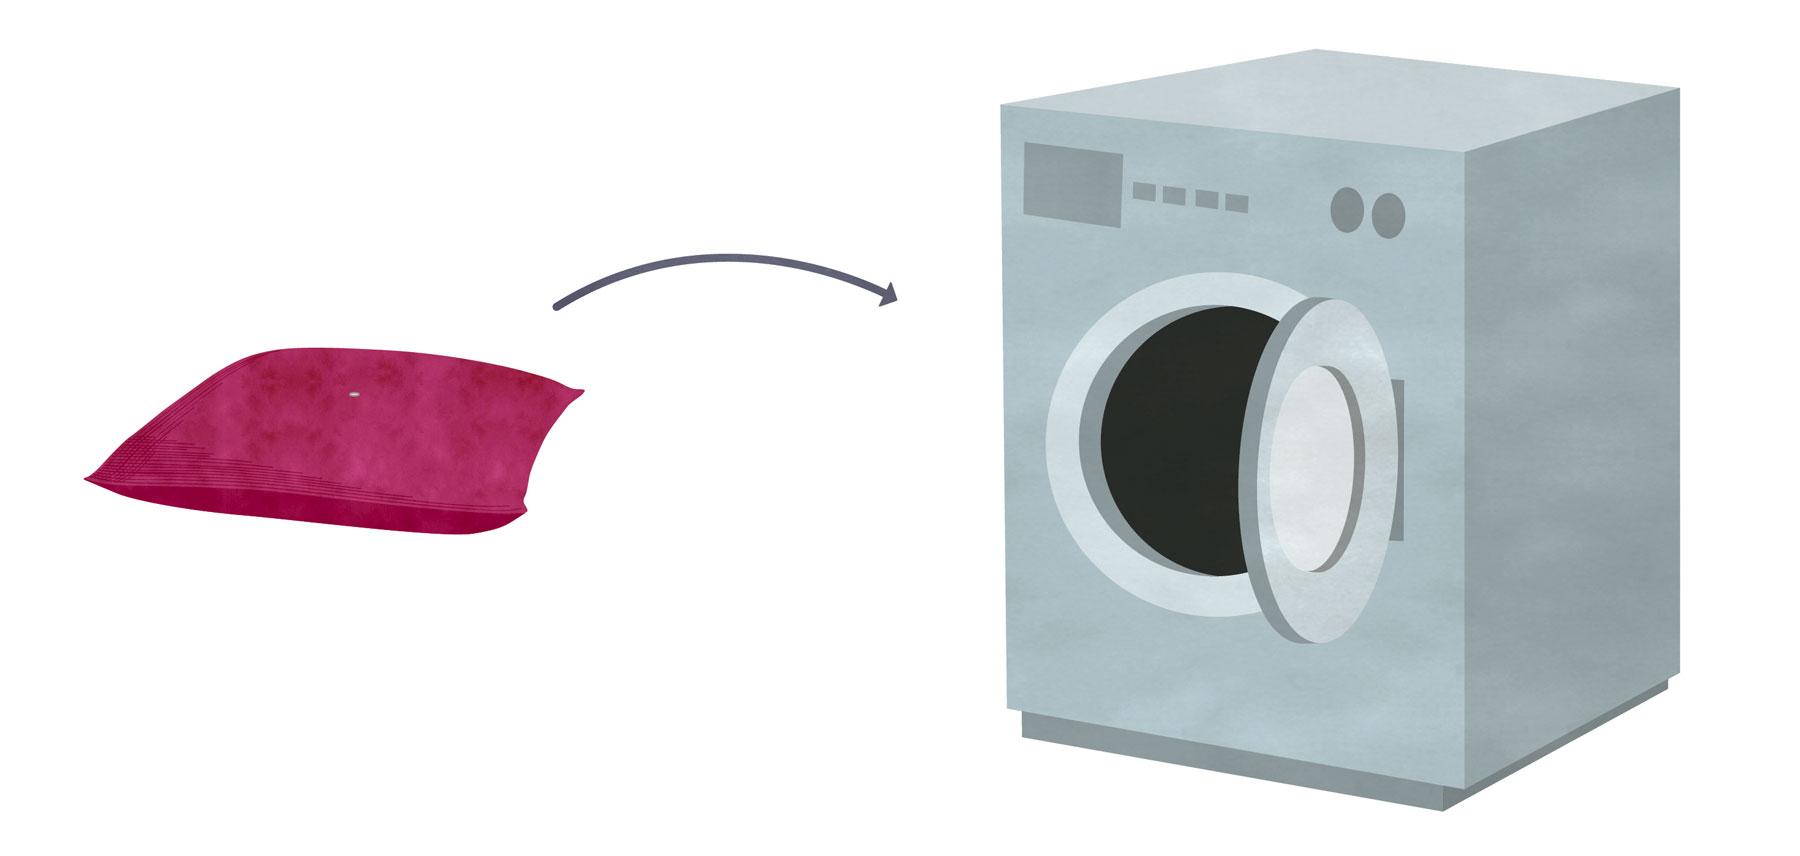 Vaskevejledning trin 3 - Smid puden, uden knapper og metalkrog, i vaskemaskinen, ved 40 grader.